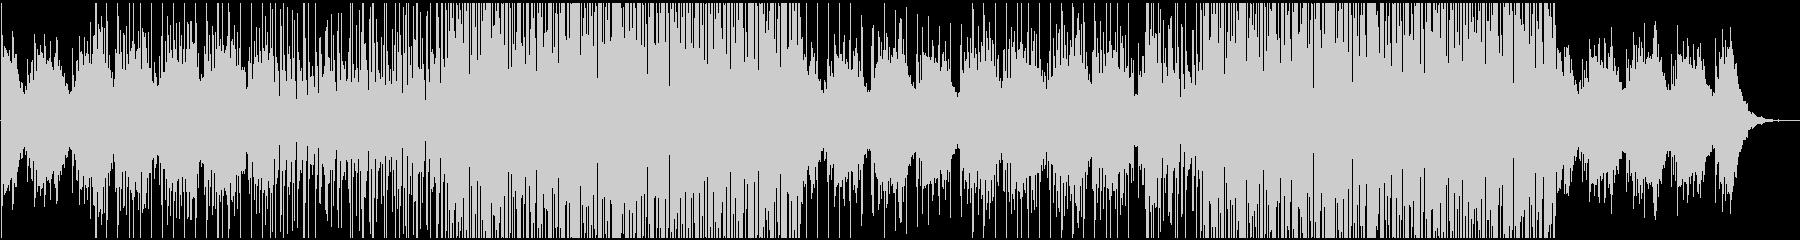 夏っぽい癒しのチルハウス系BGMの未再生の波形